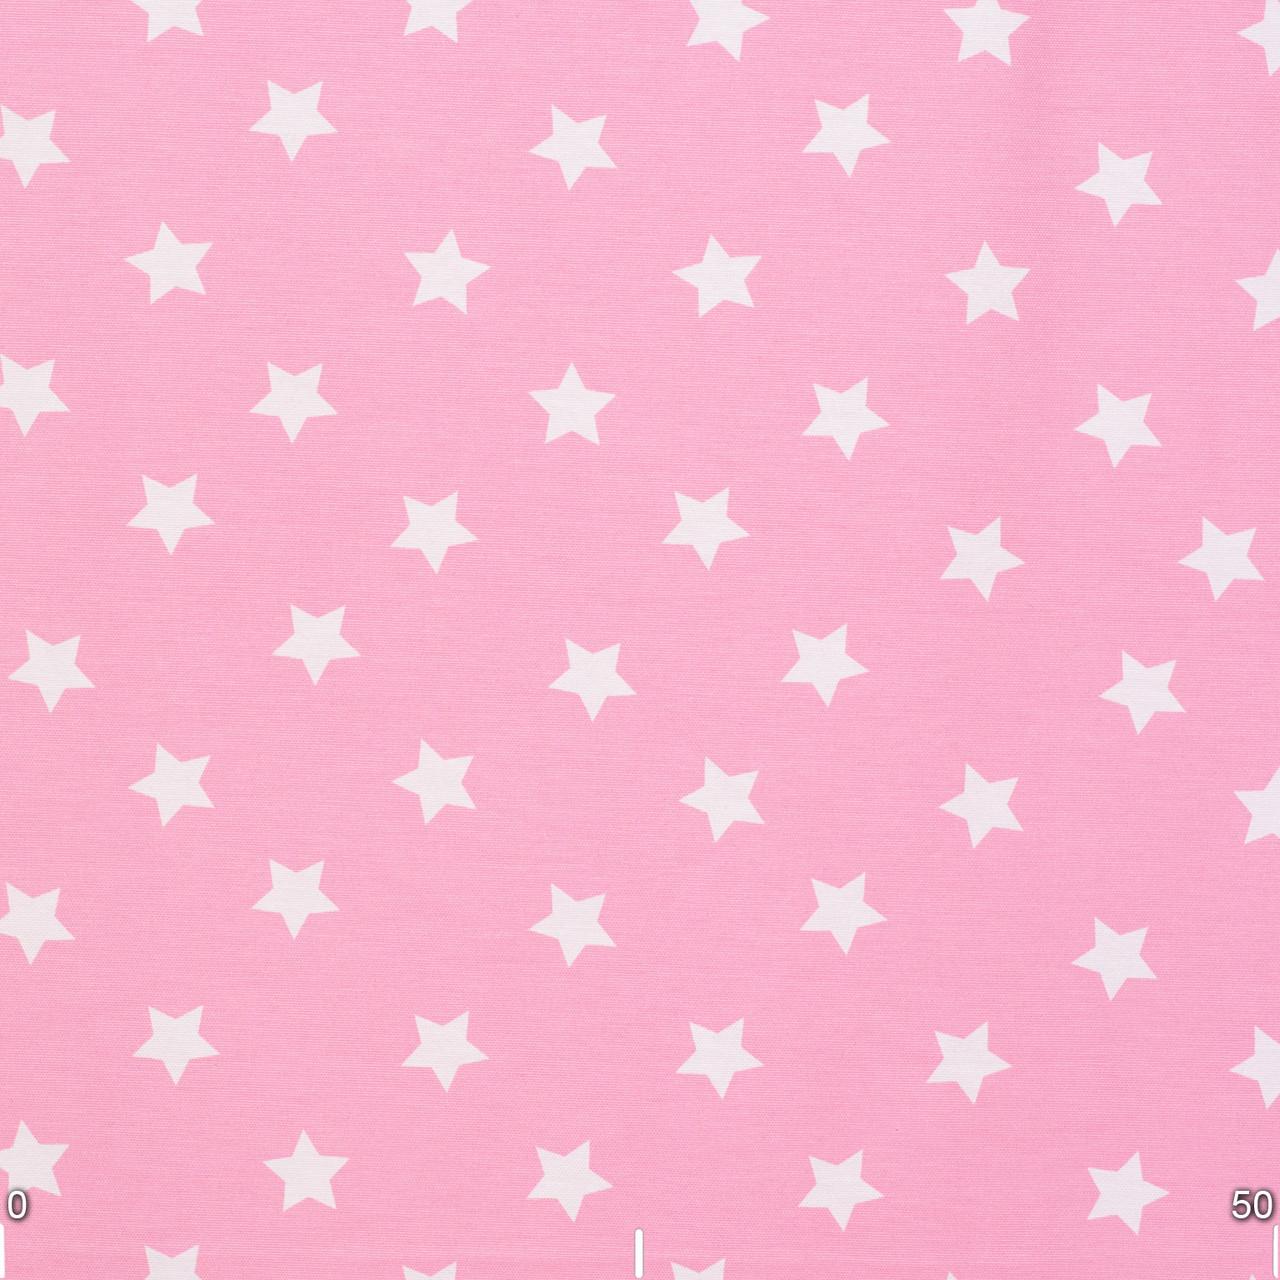 Декоративна тканина з білими зірками на рожевому тлі 180см 85704v6